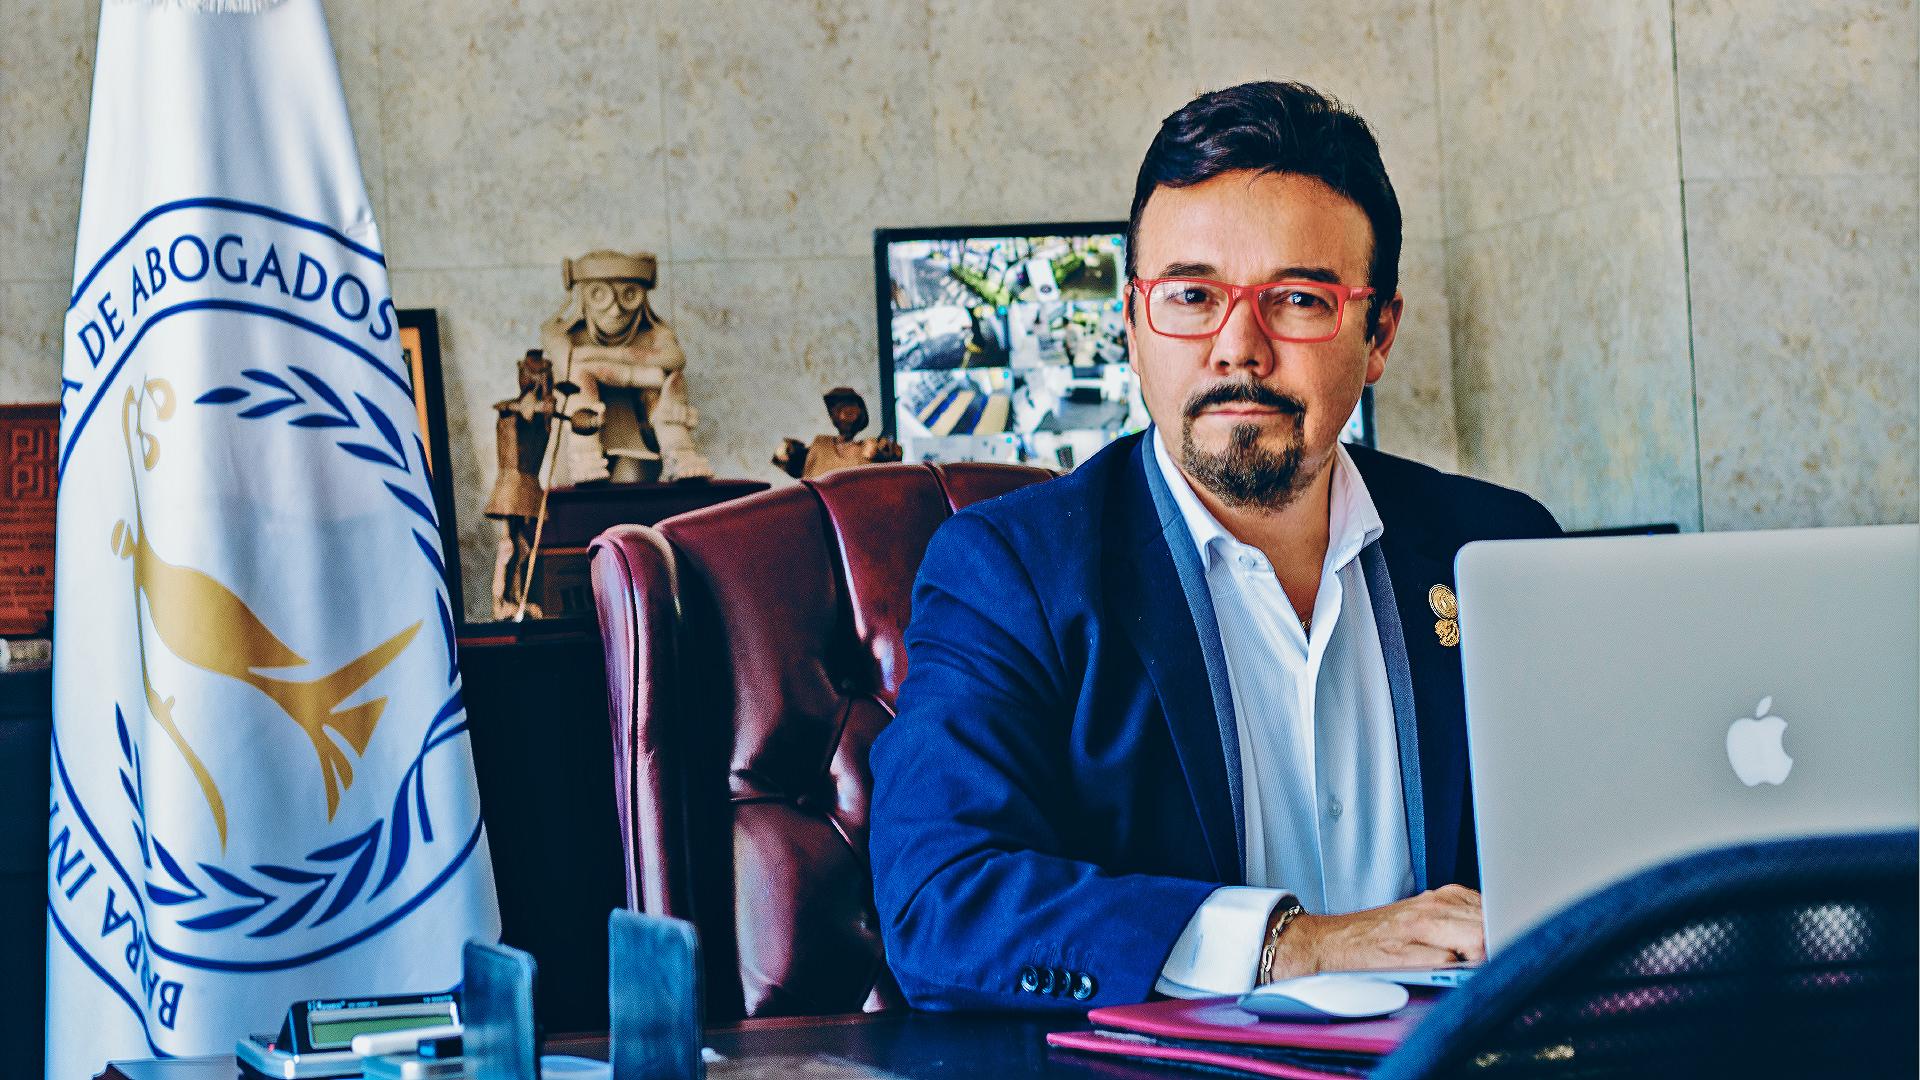 Dr Rubén Pacheco Inclán